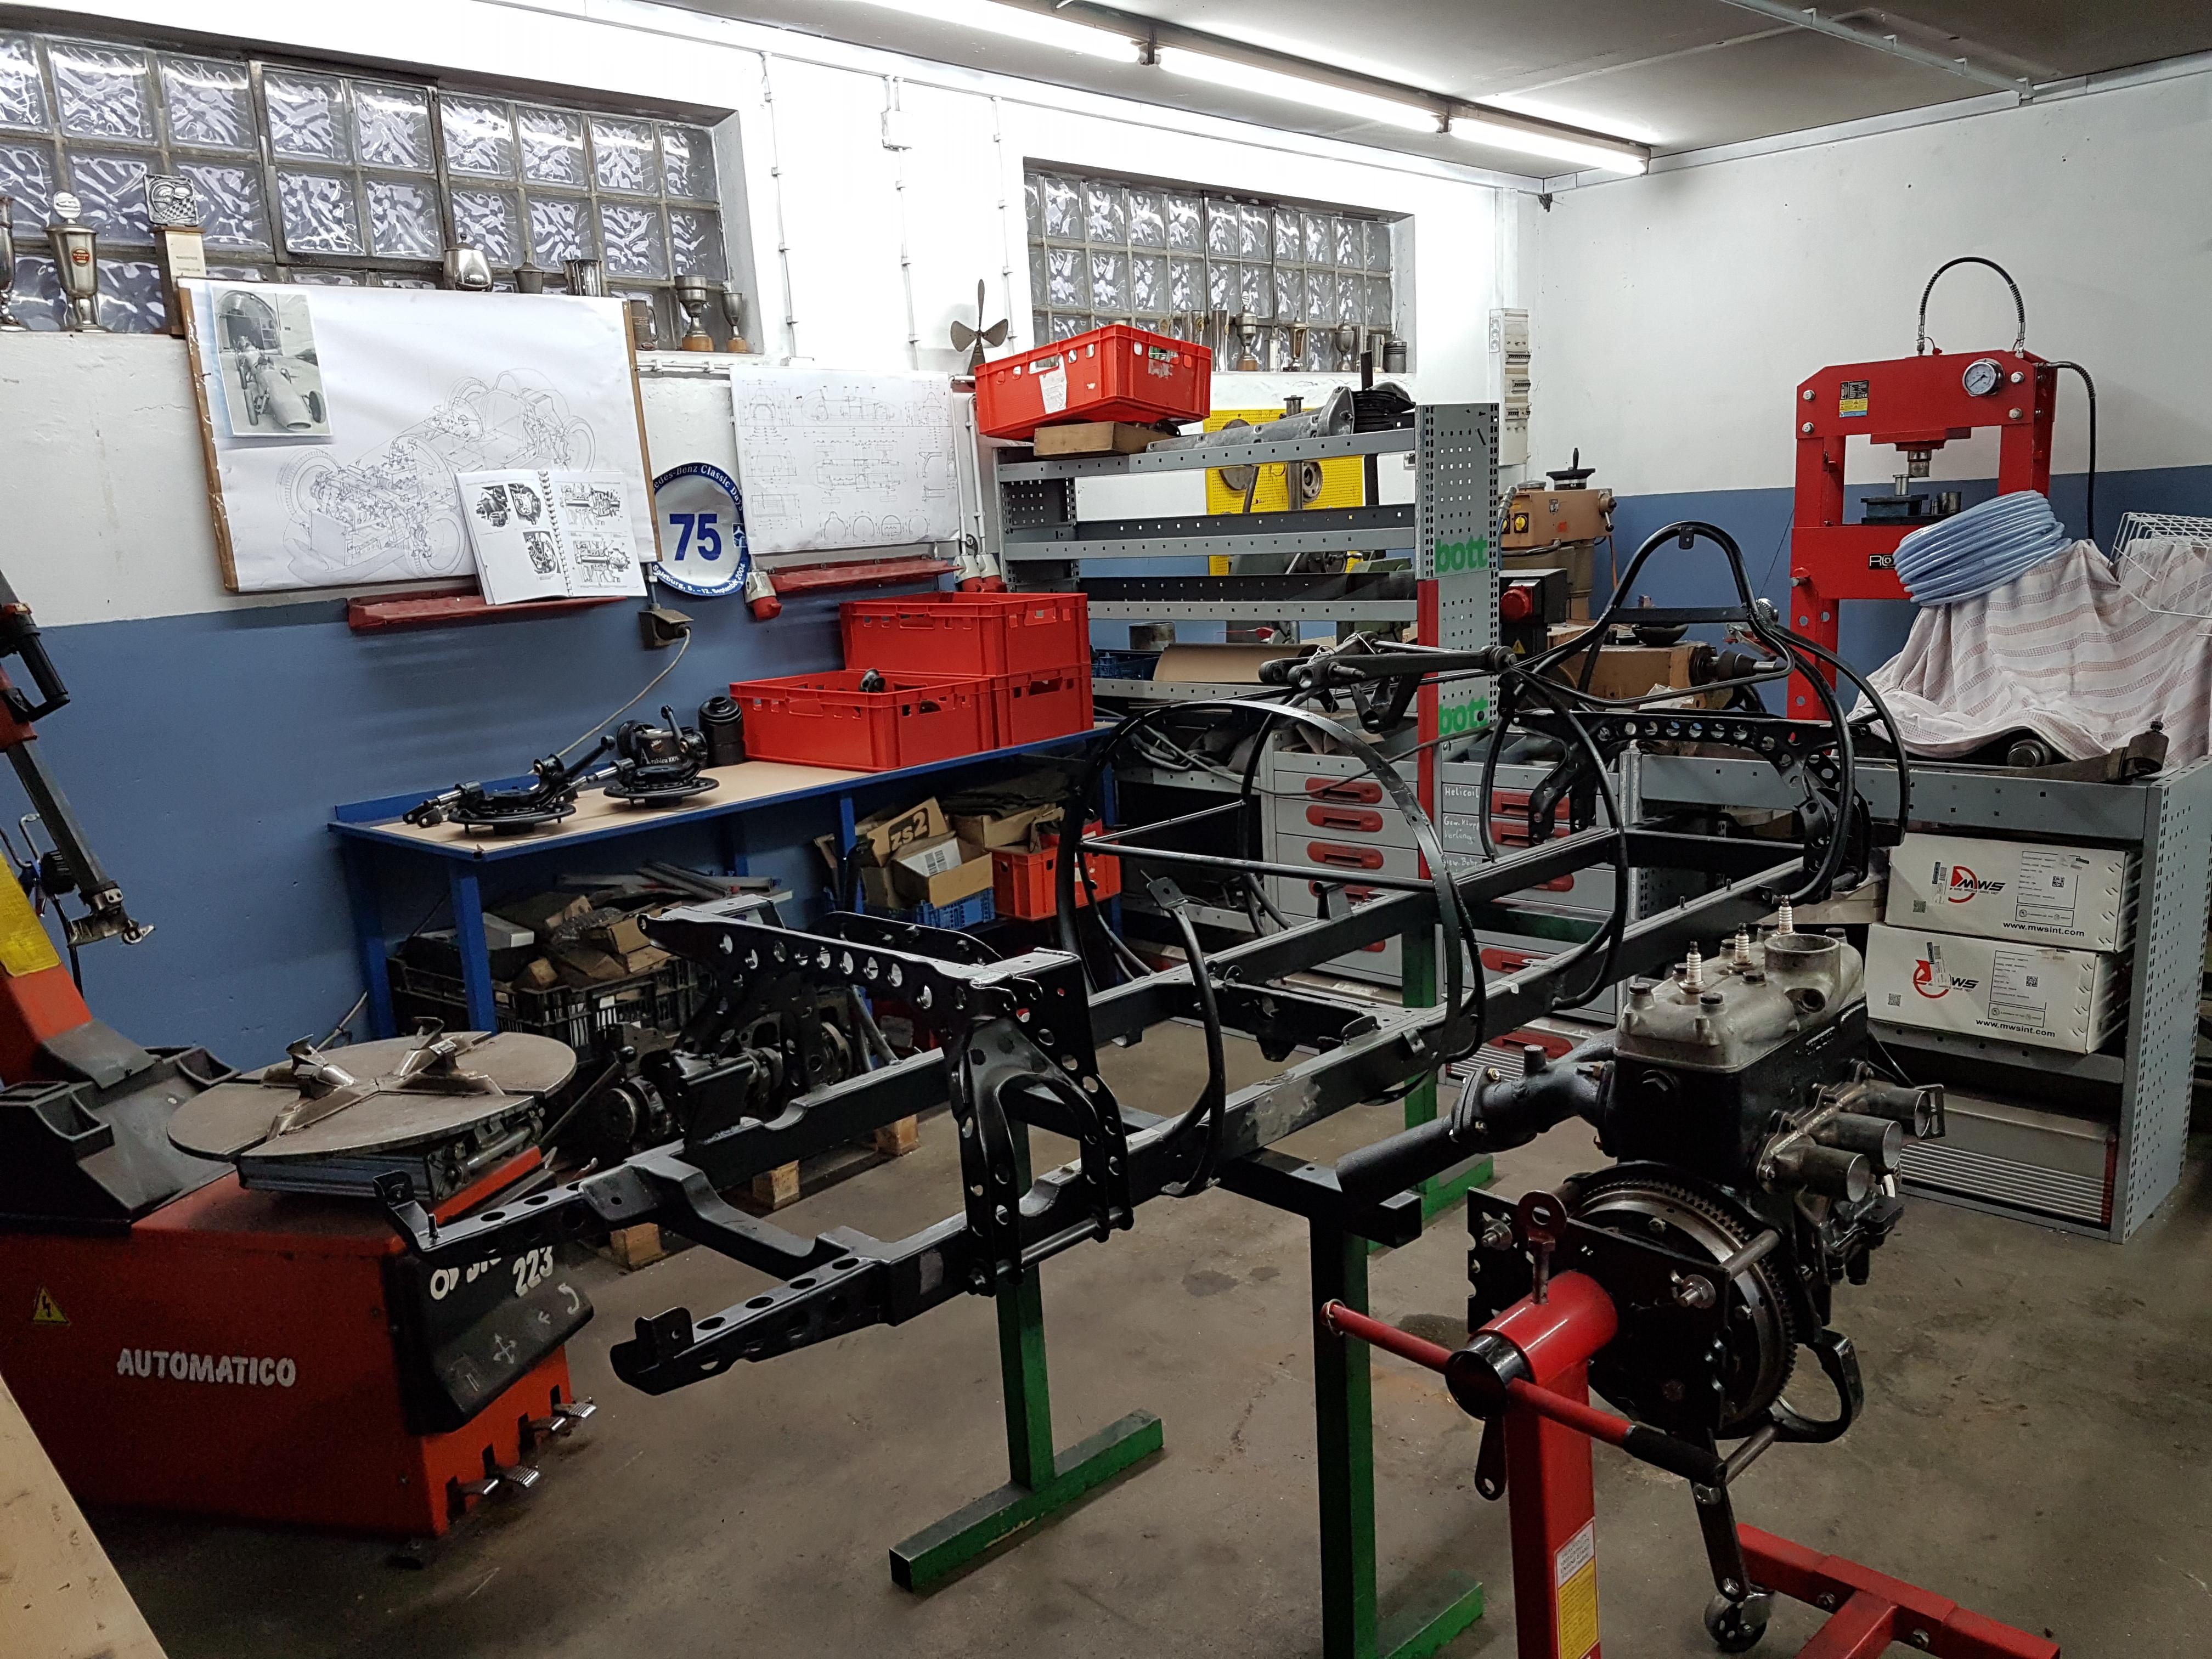 Scuderia Hartmann-Anlieferung von Rahmen, Motor und Teilen bei der Fa. Strohhammer in Kammer